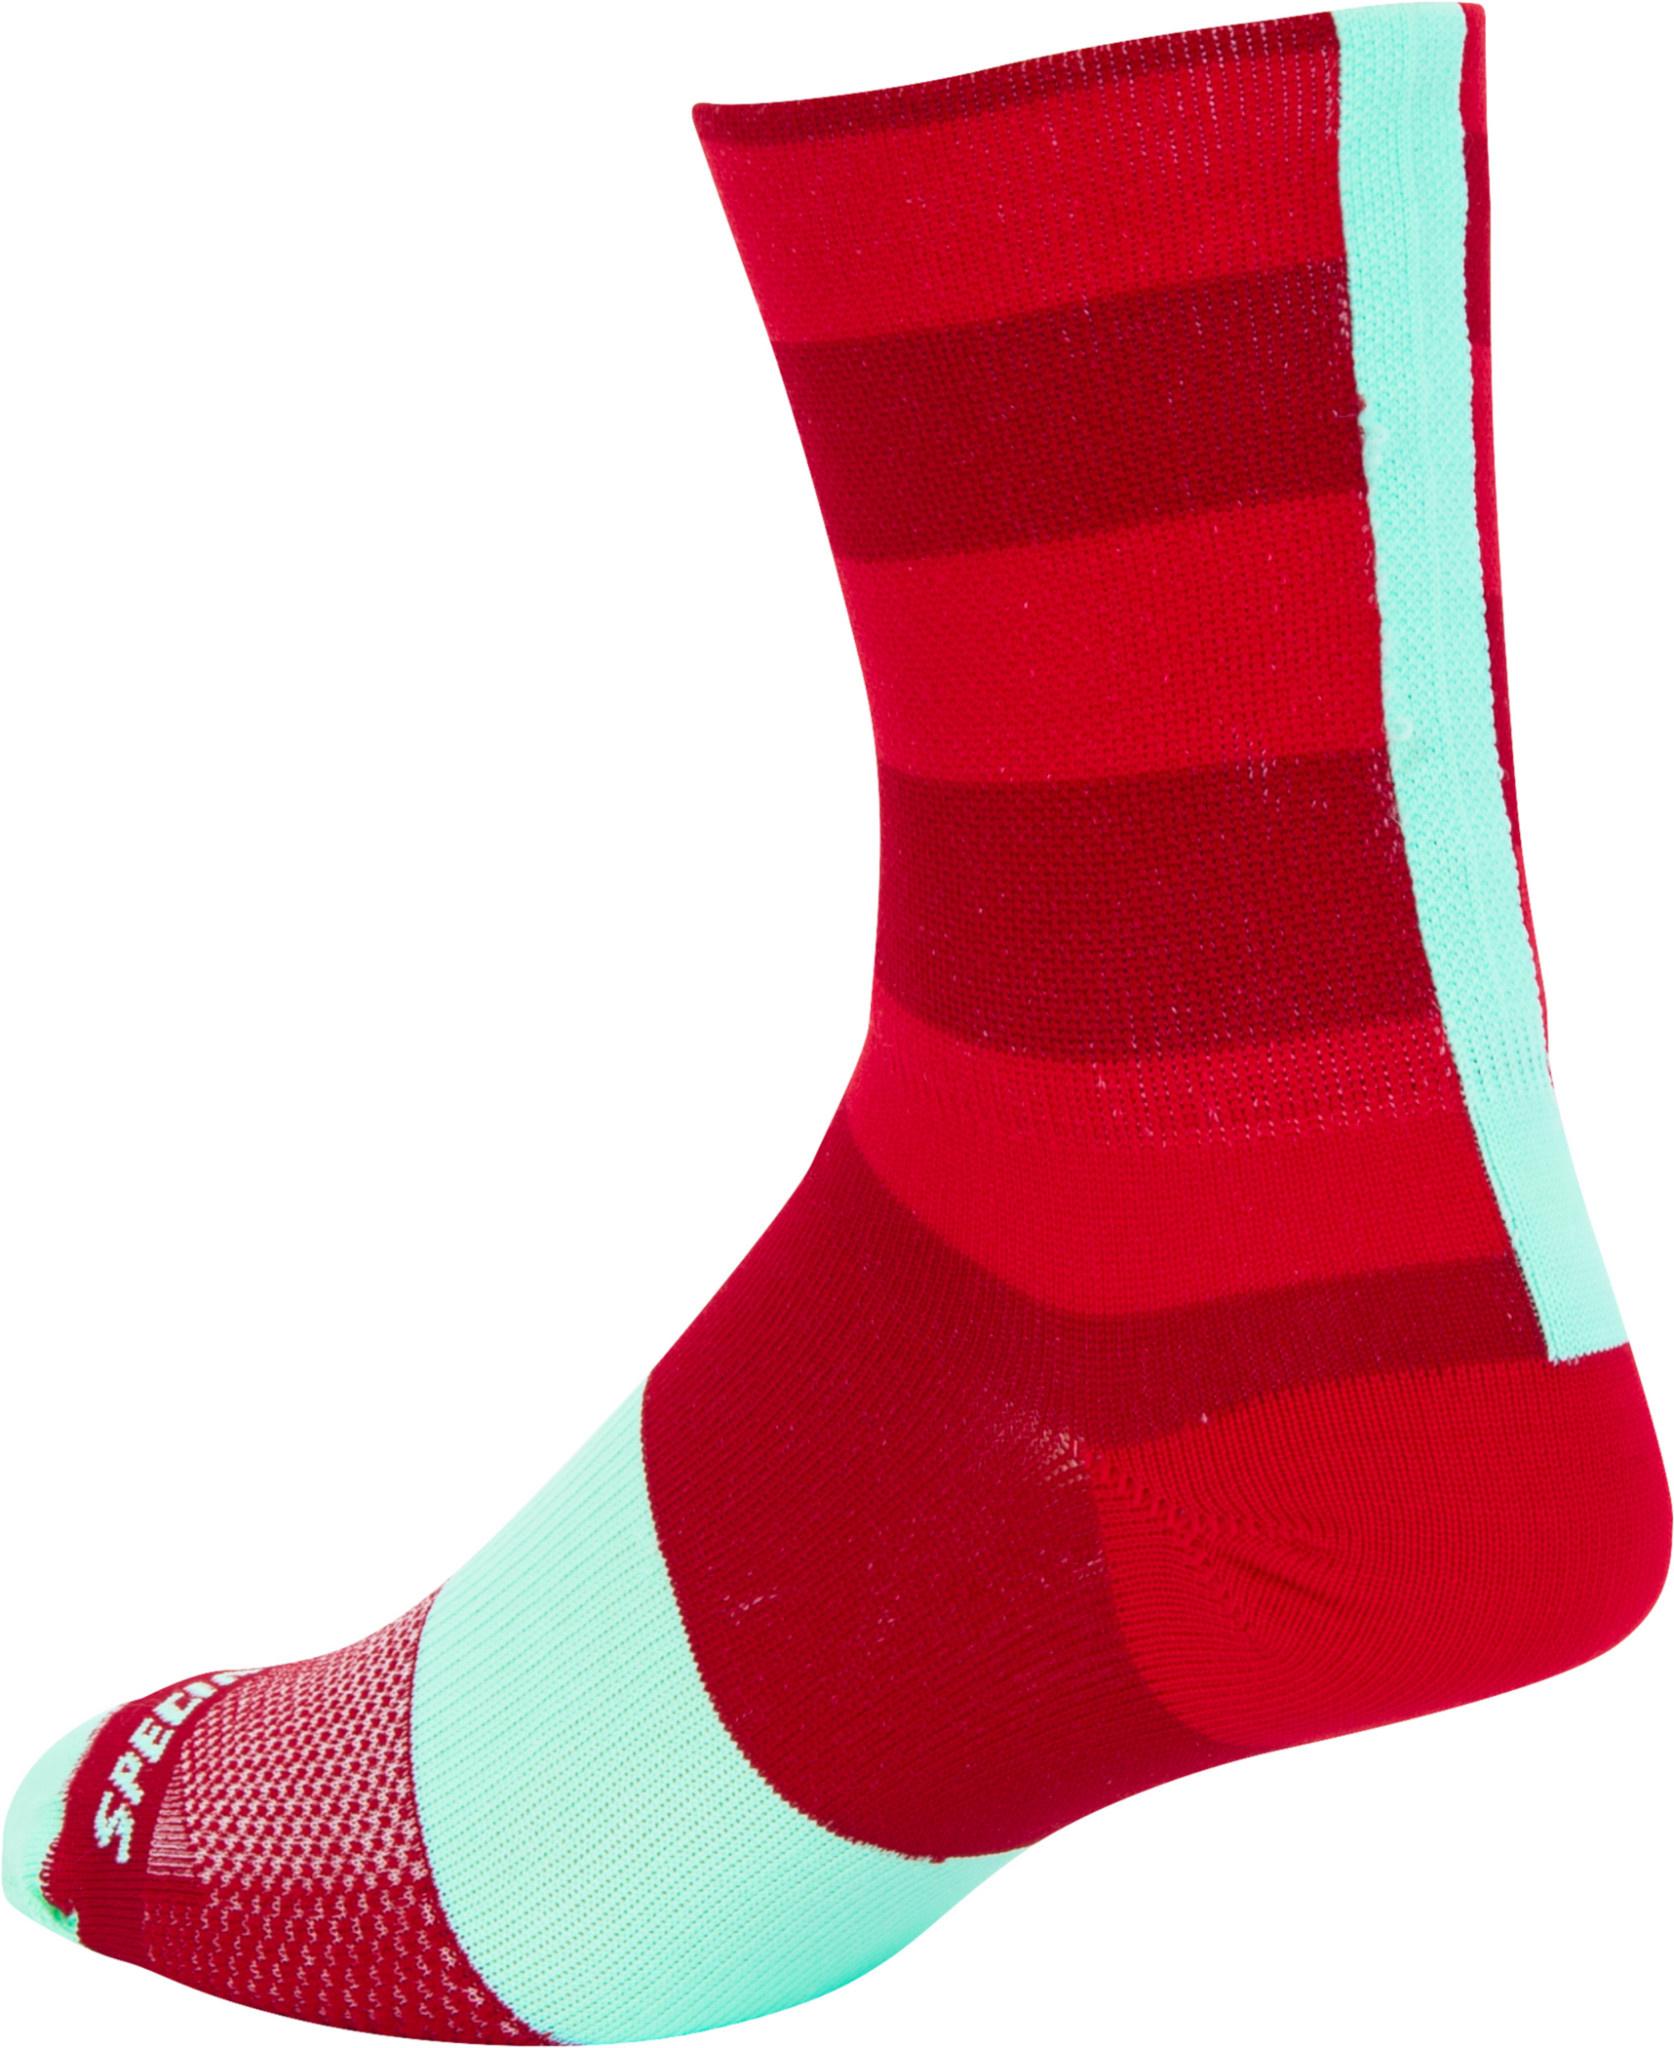 Specialized Specialized SL Tall Socks